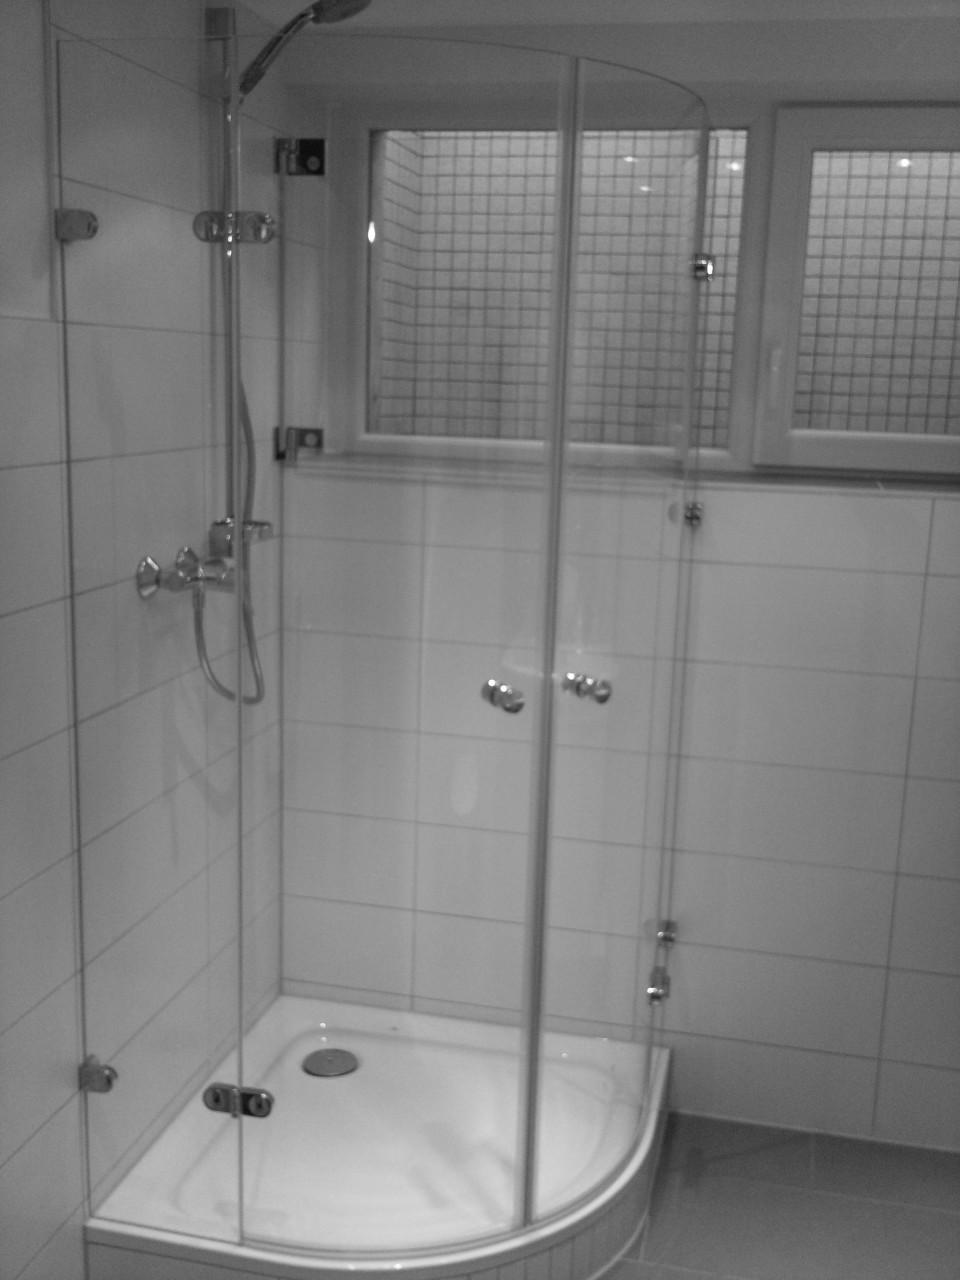 arano 260 mit zus tlichem spritzschutz vor dem fenster zum wegklappen rk duschsysteme. Black Bedroom Furniture Sets. Home Design Ideas